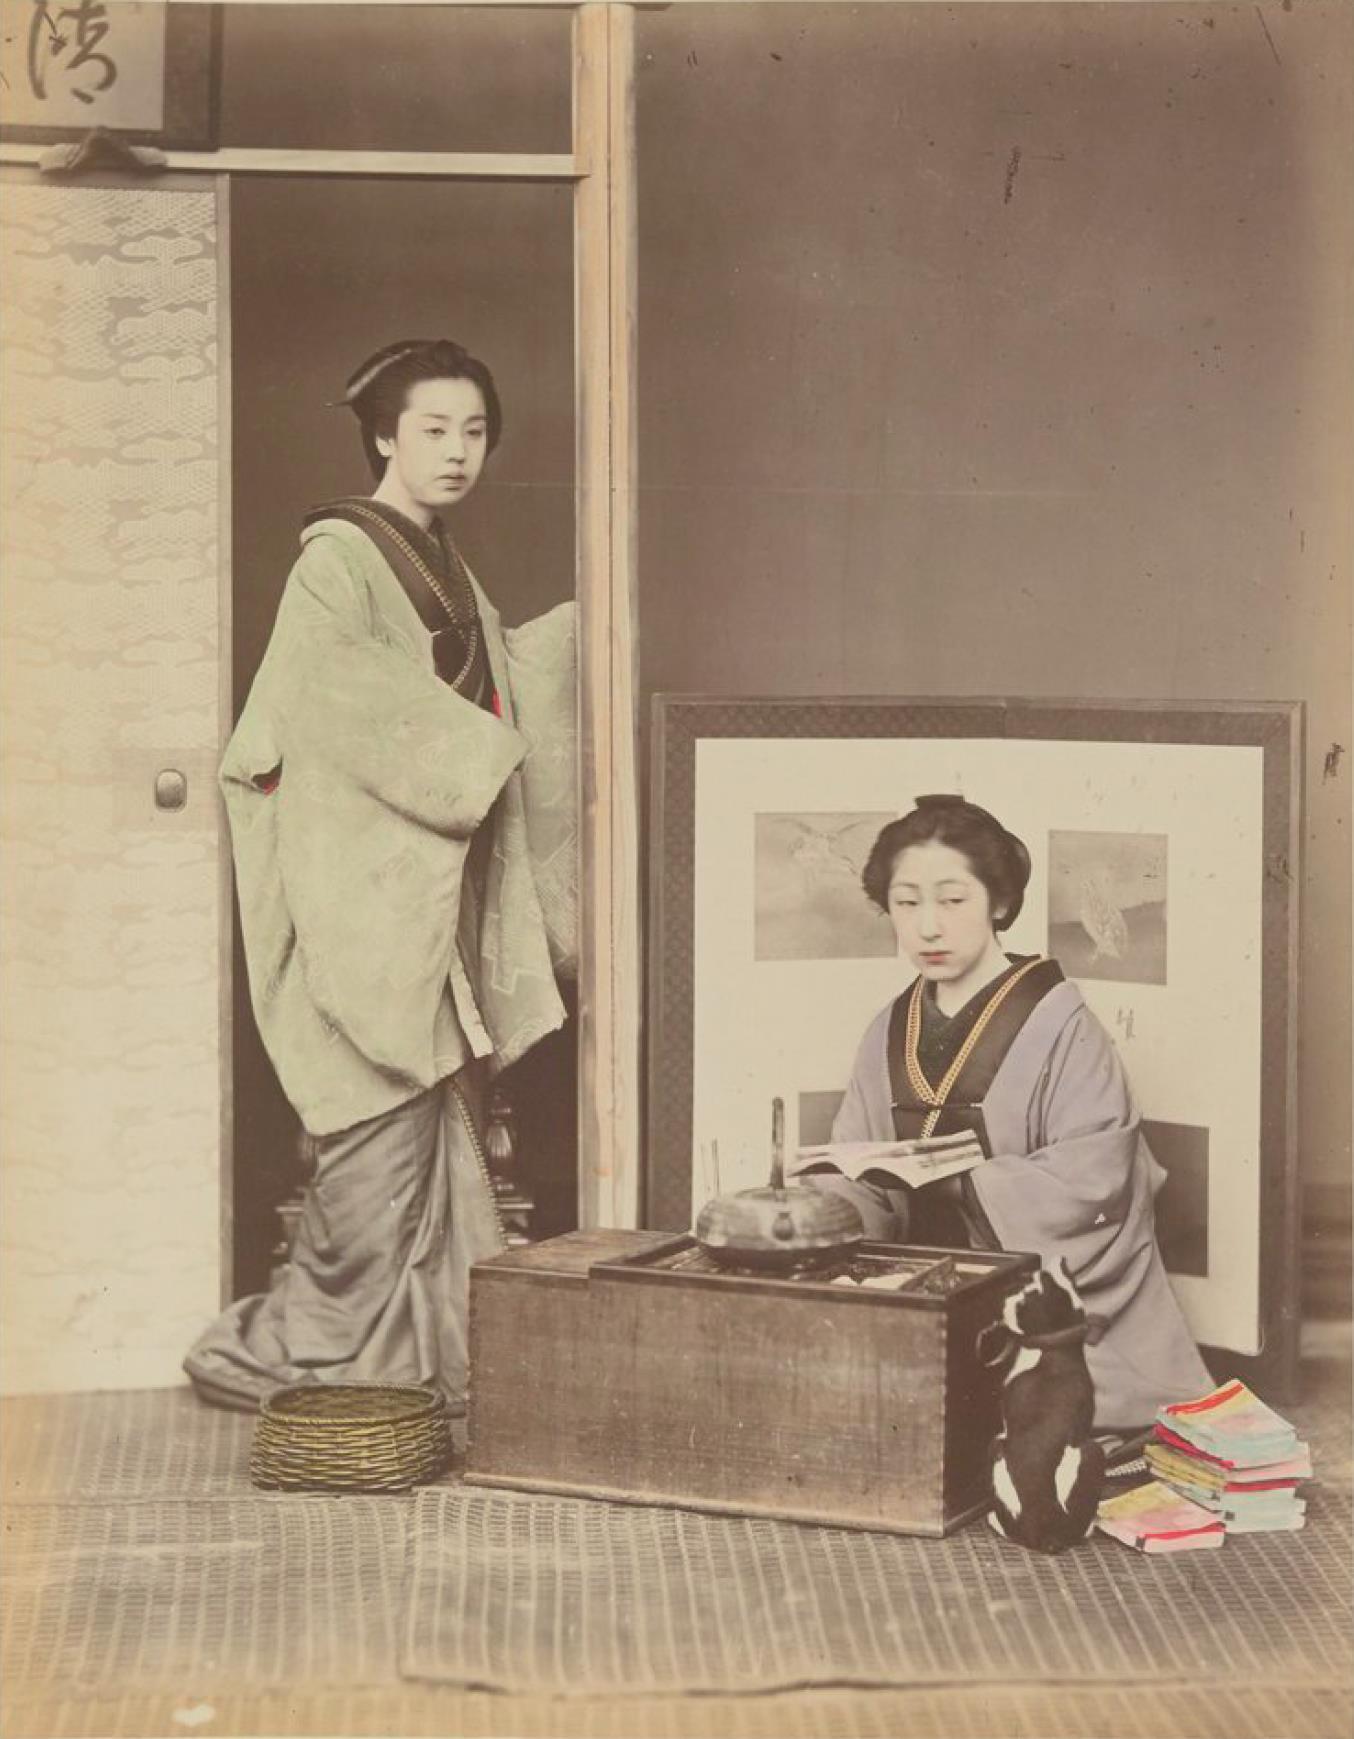 Две женщины в домашней обстановке